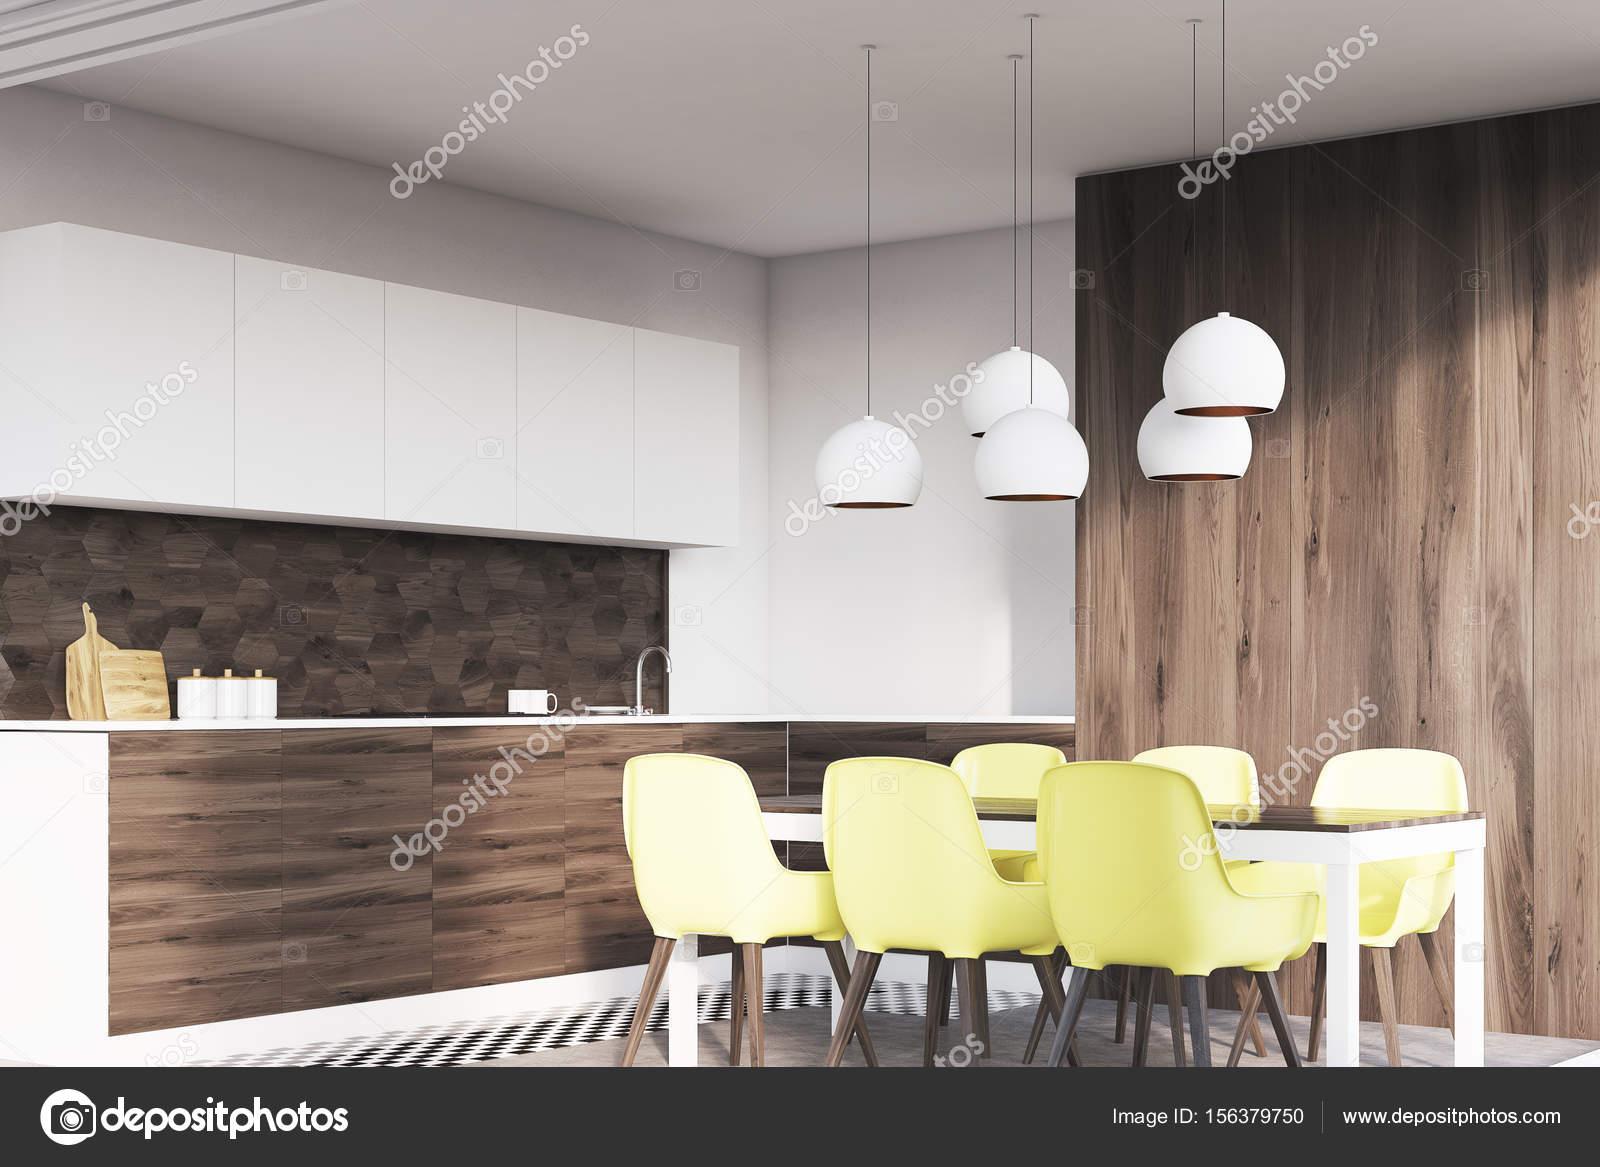 Donkere houten eetkamer hoek — Stockfoto © denisismagilov #156379750